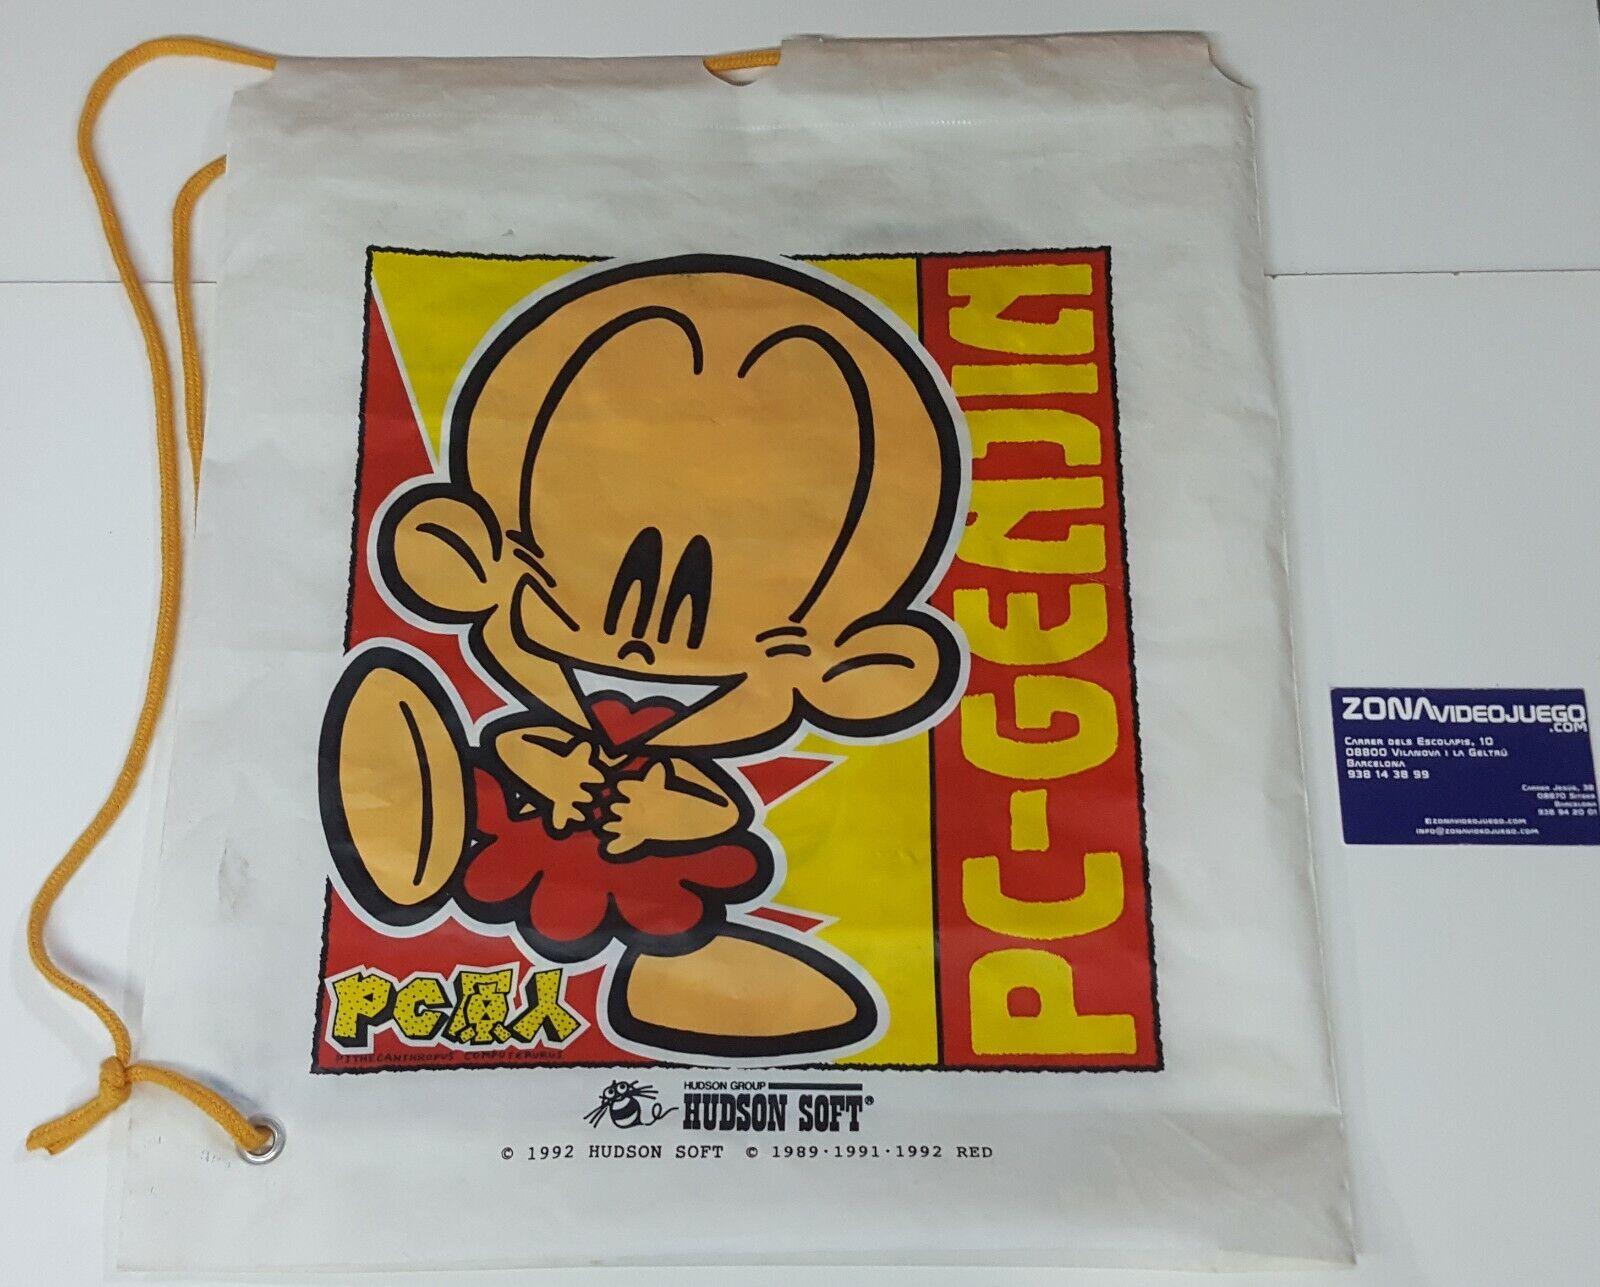 Bolsa Plástico Hudson Soft con cuerda, Pc-Denjin y Pc-Genjin. Air-Zonk. Bonk.